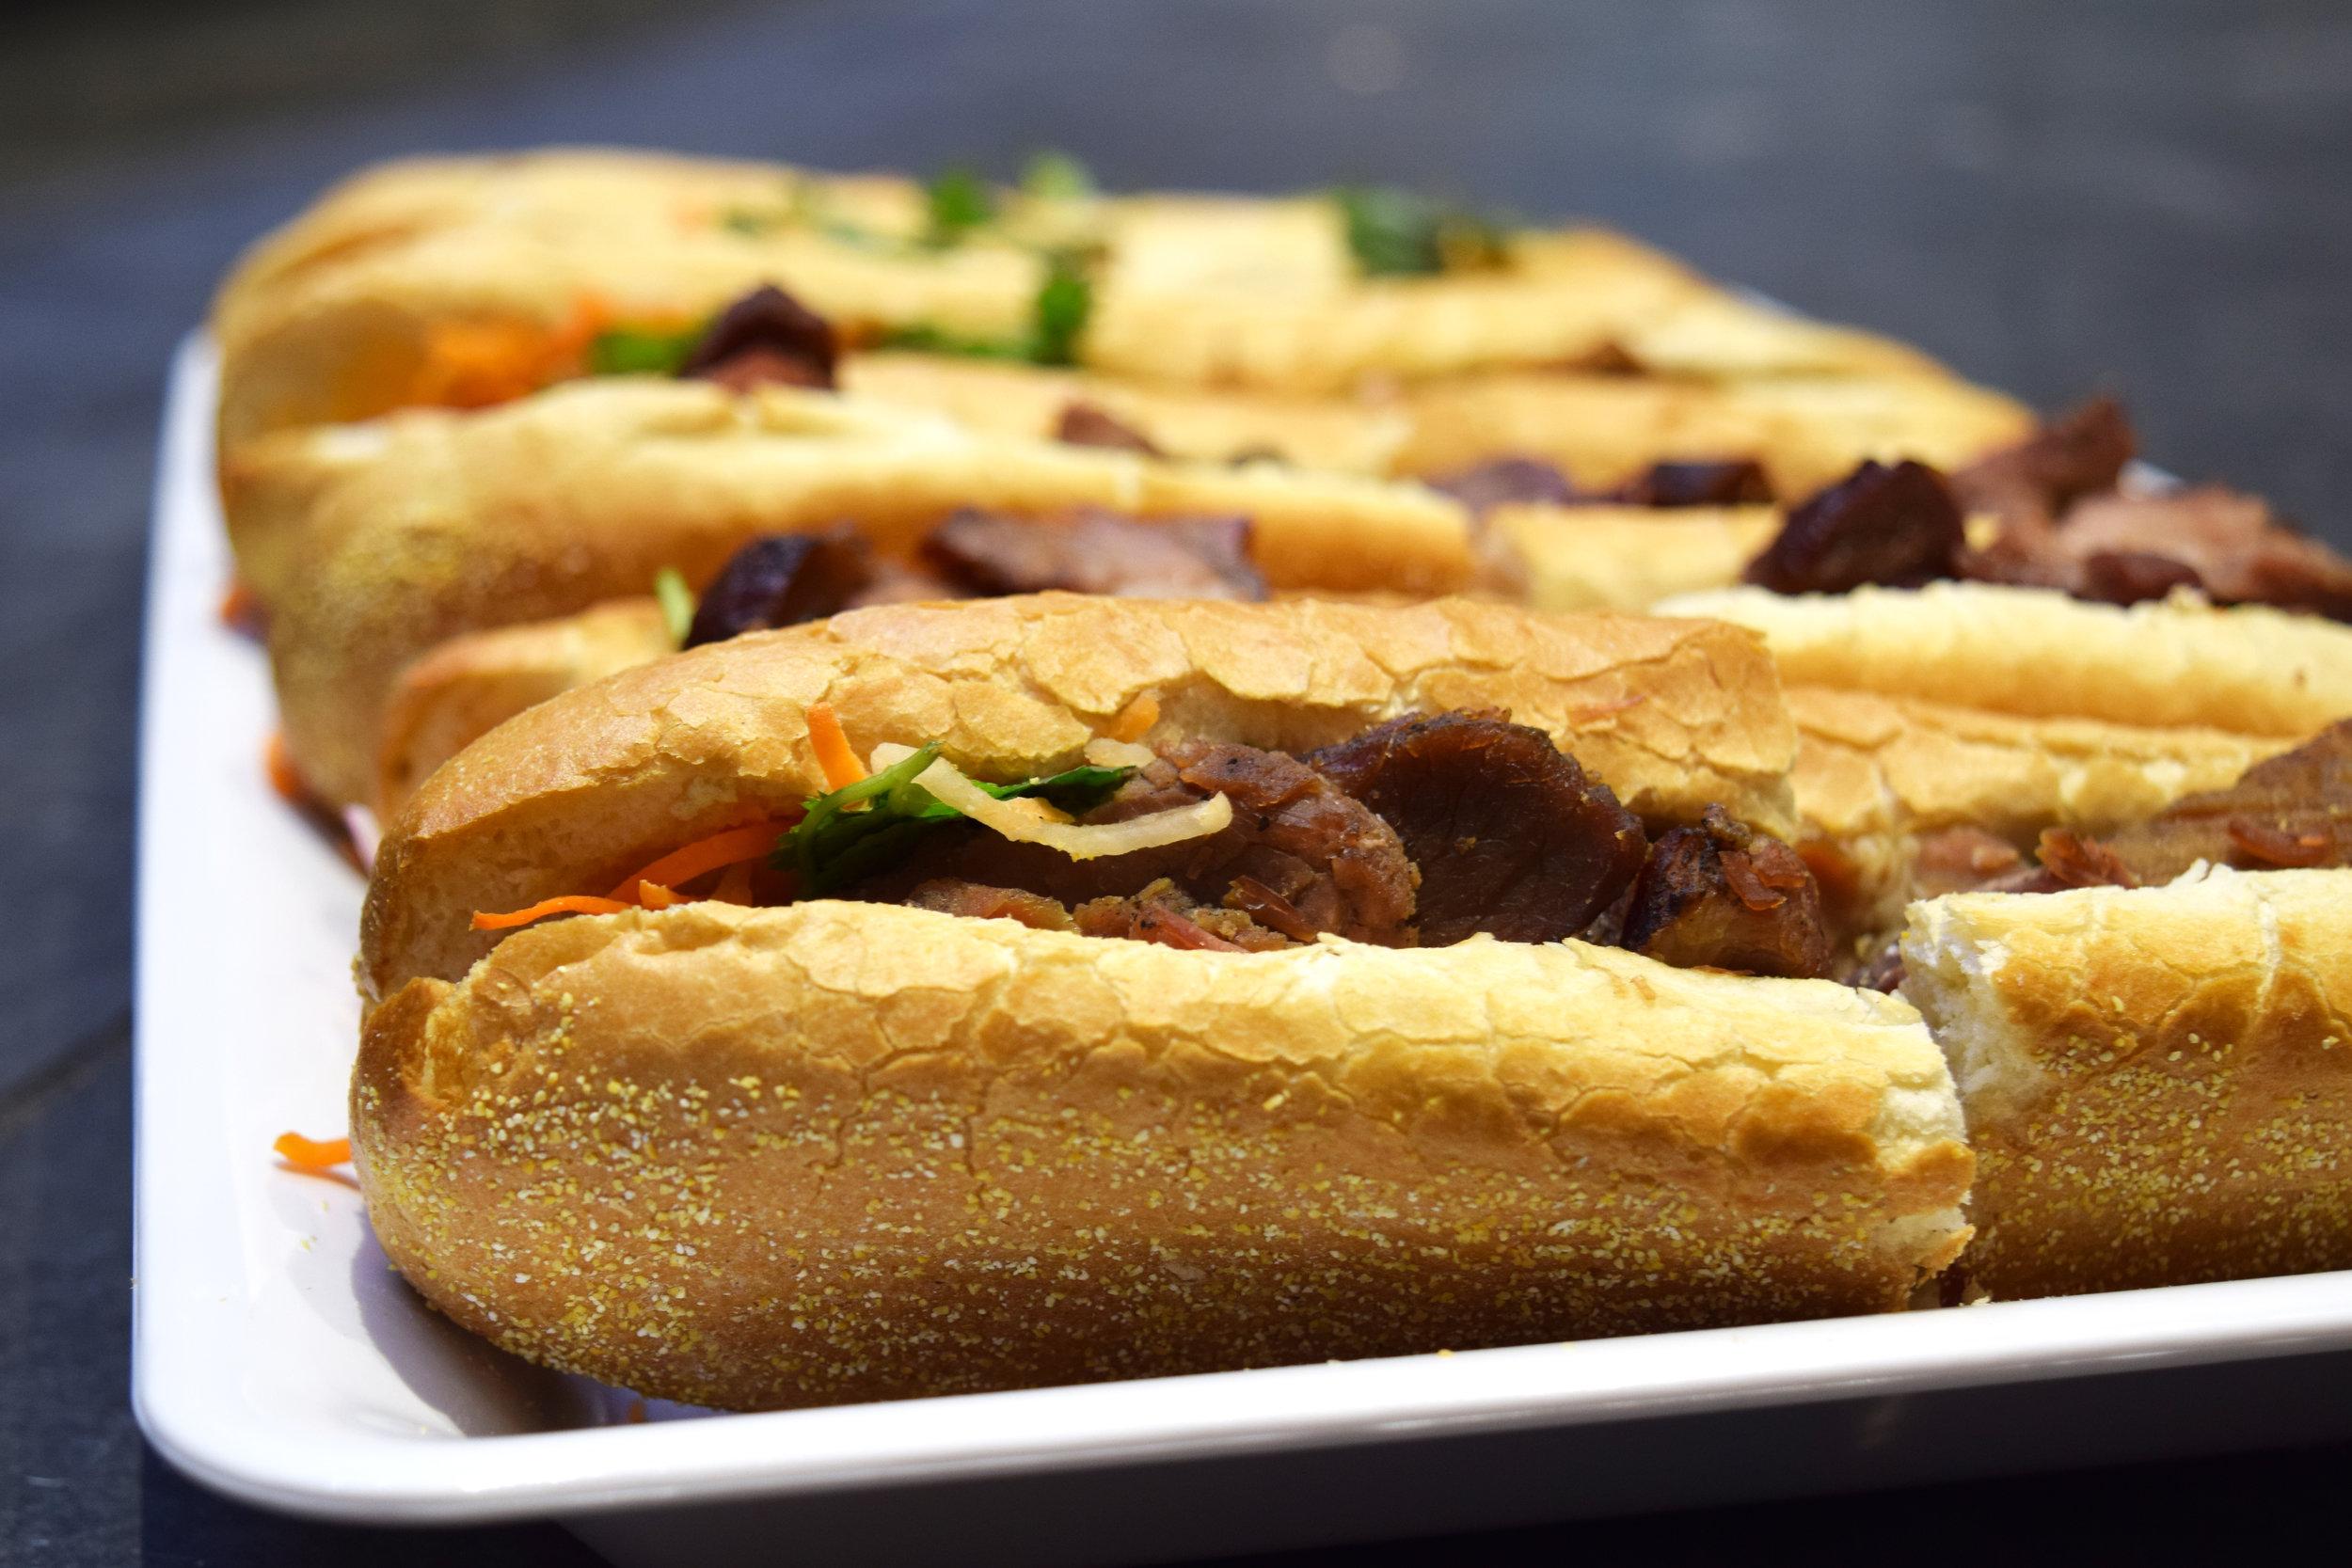 Our Signature Bon Me Sandwich